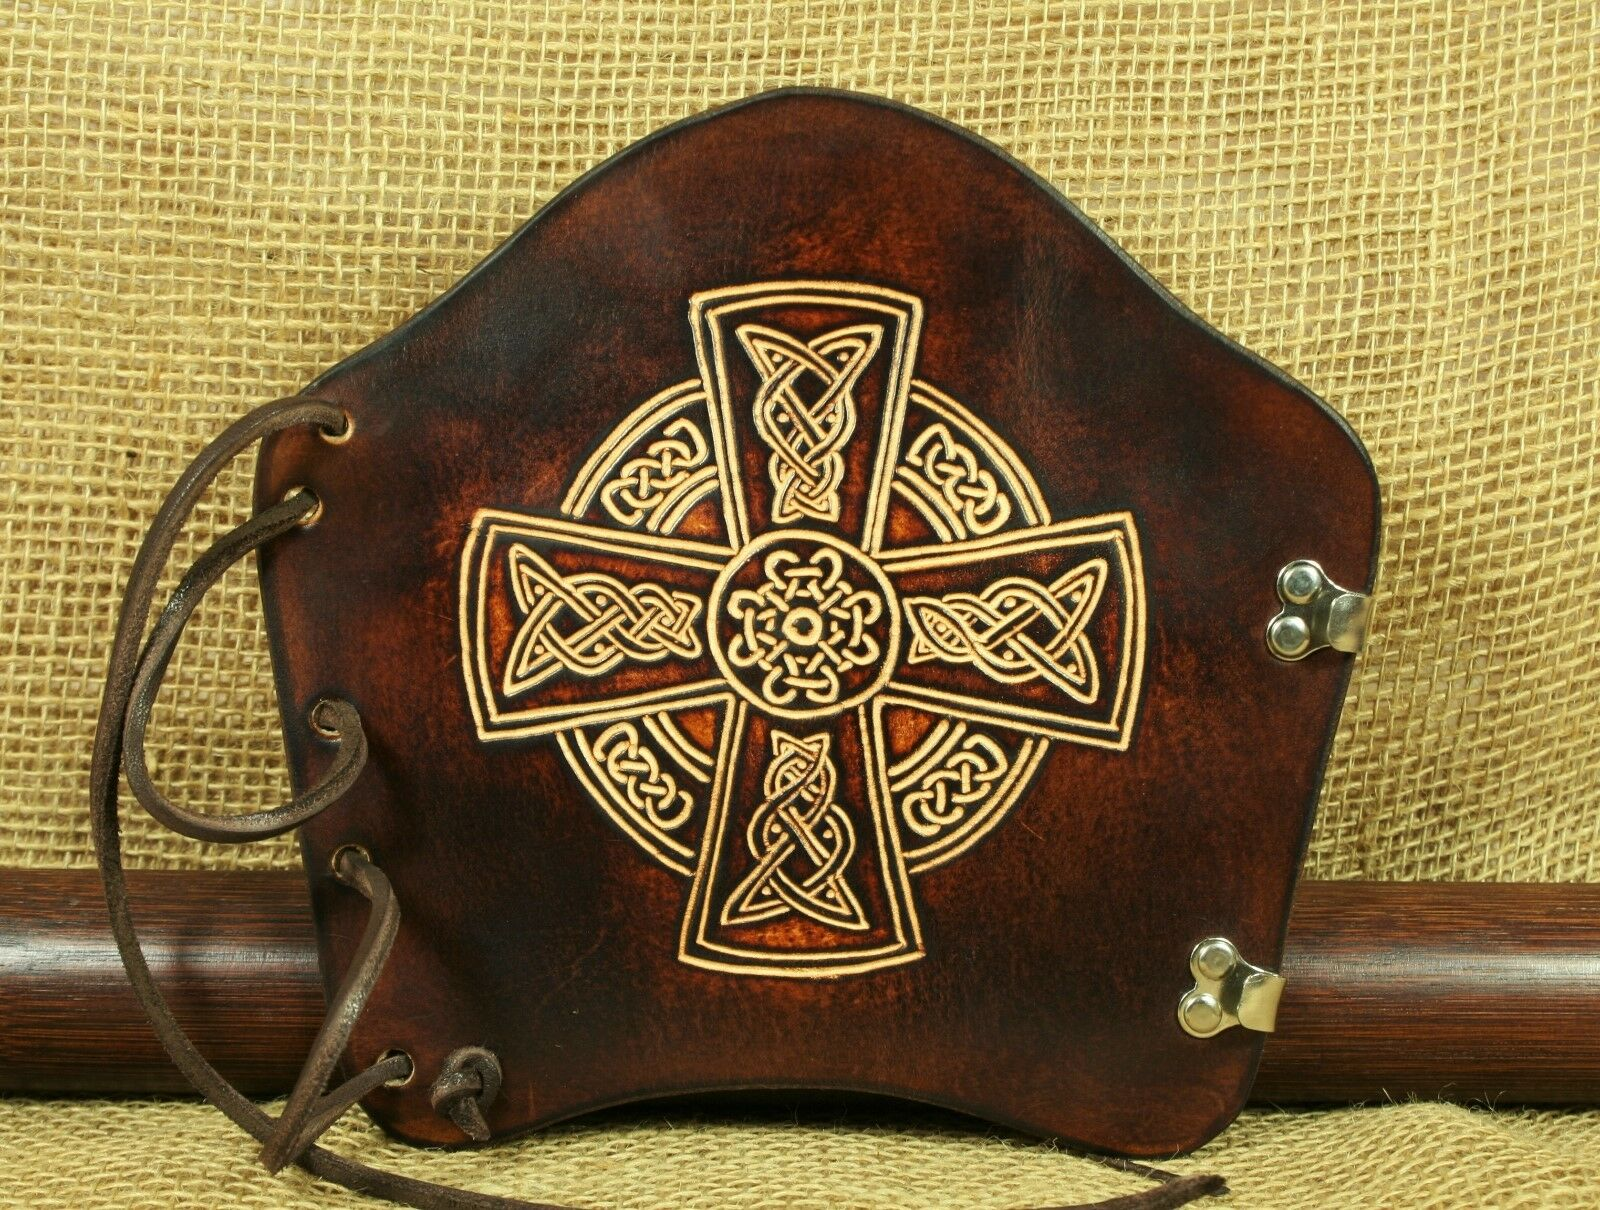 Armschutz arco deporte de cuero marrón cruz cruz cruz céltica bogenstulpe tradicionalmente 8b21df